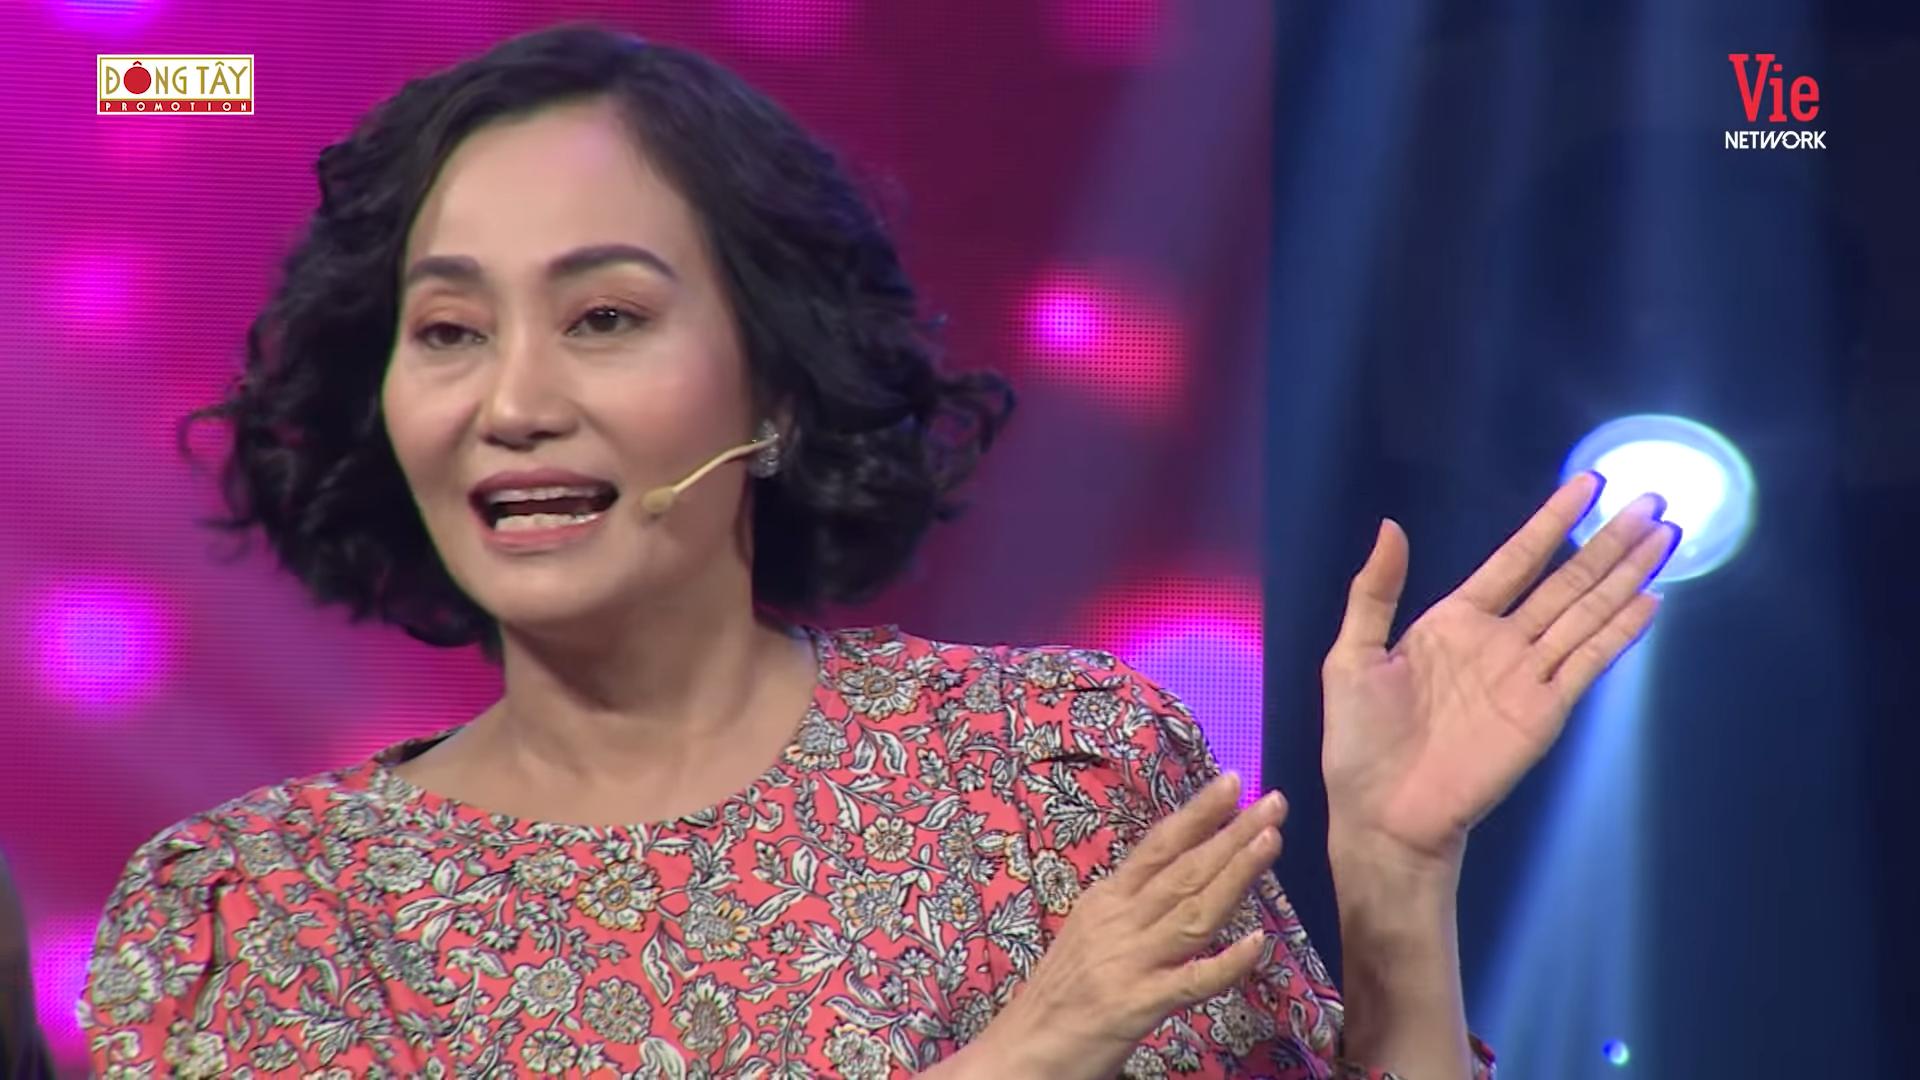 Việt Hương: Thời sinh viên chúng tôi nghèo nhưng đứa nào cũng sạch, chỉ có Tiết Cương ở dơ - Ảnh 1